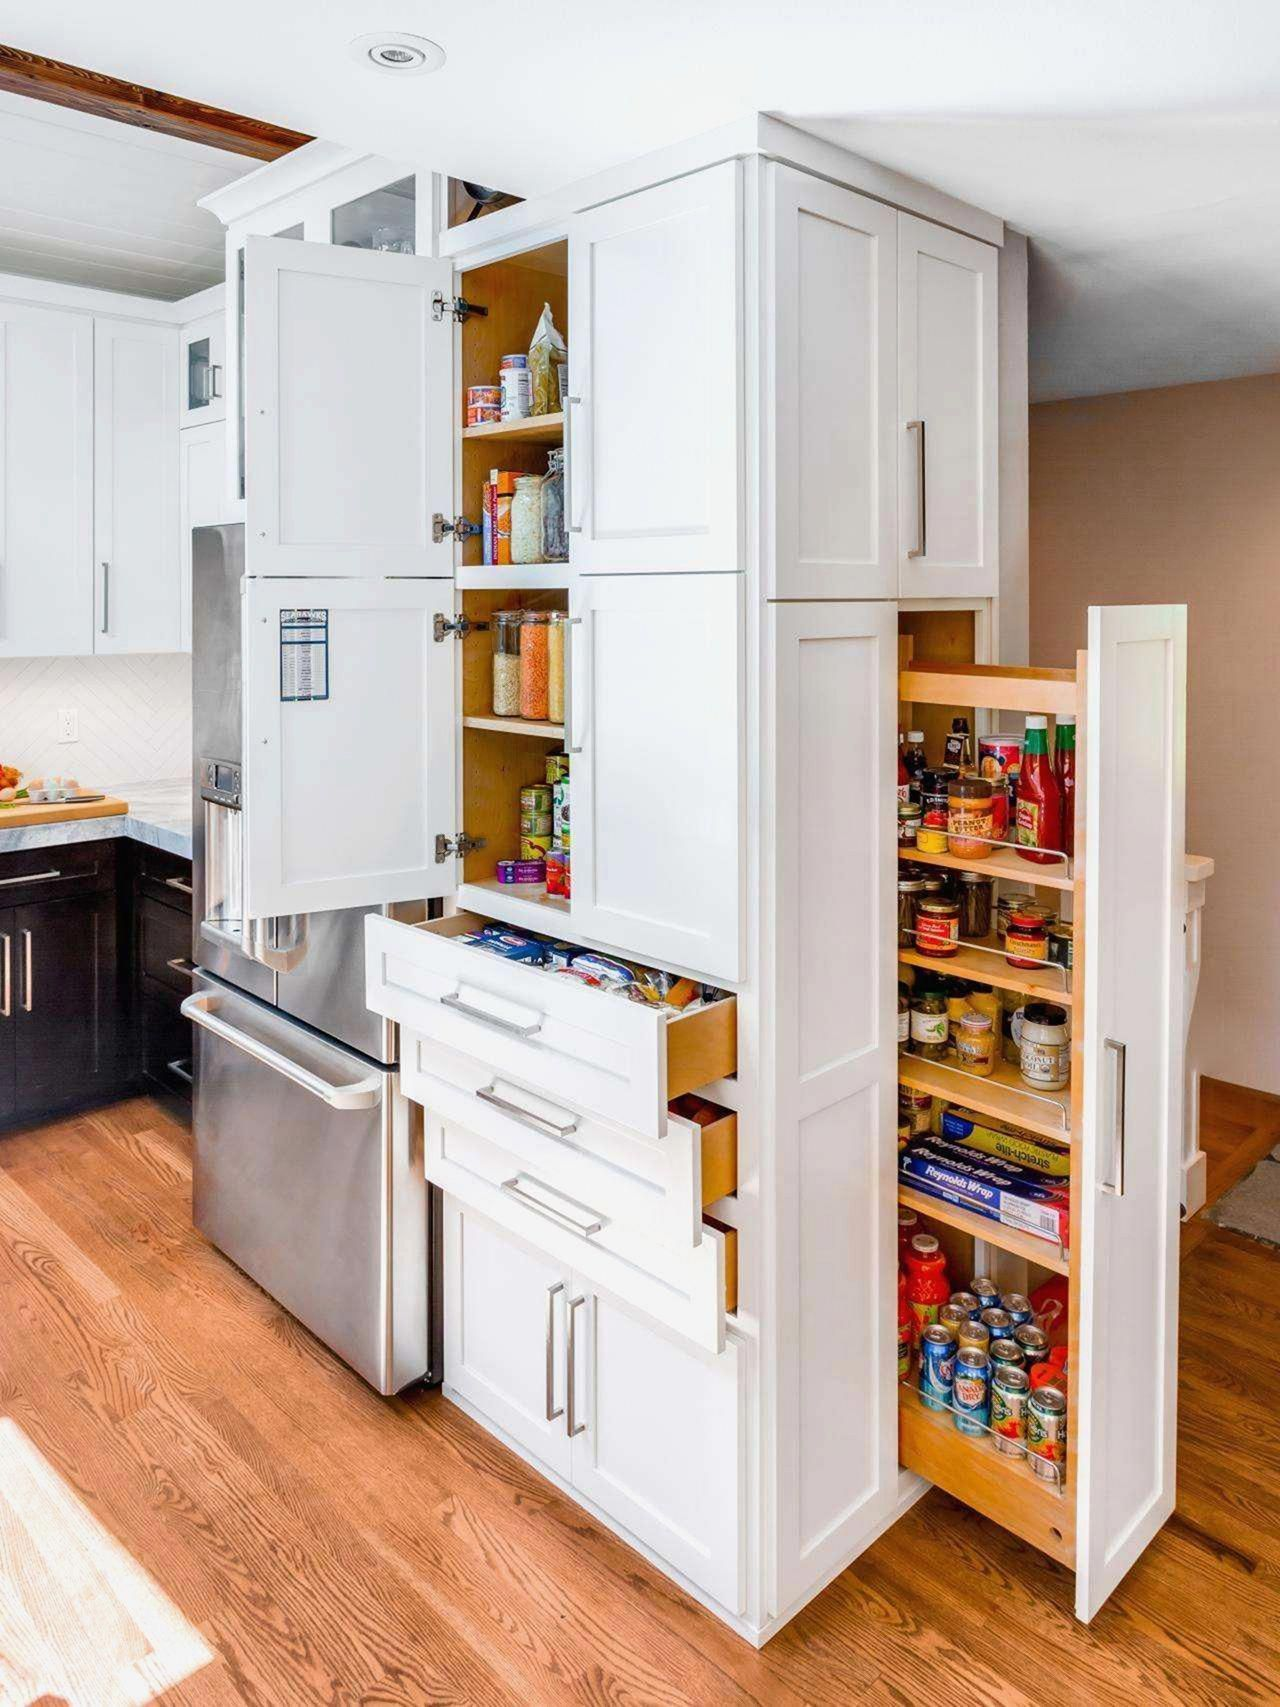 Kitchencupboards Minimalist Kitchen Design Minimalist Kitchen